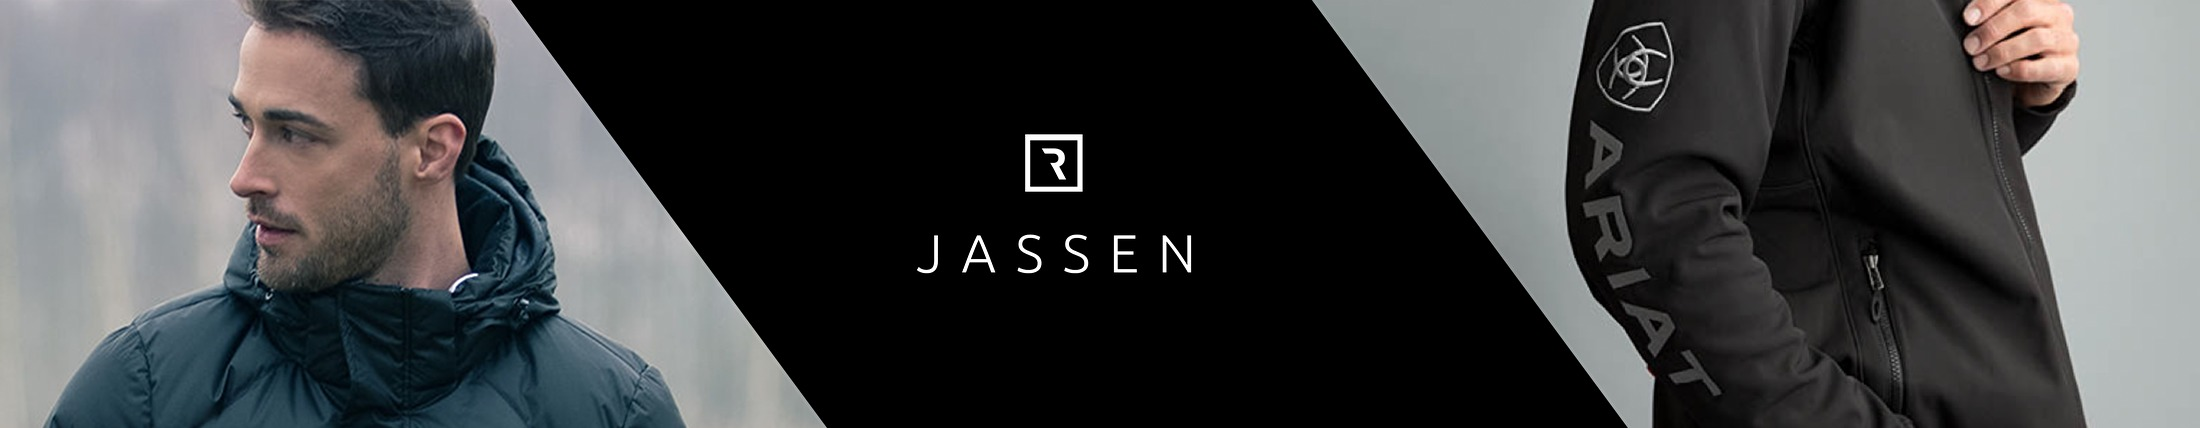 Riderman Jassen